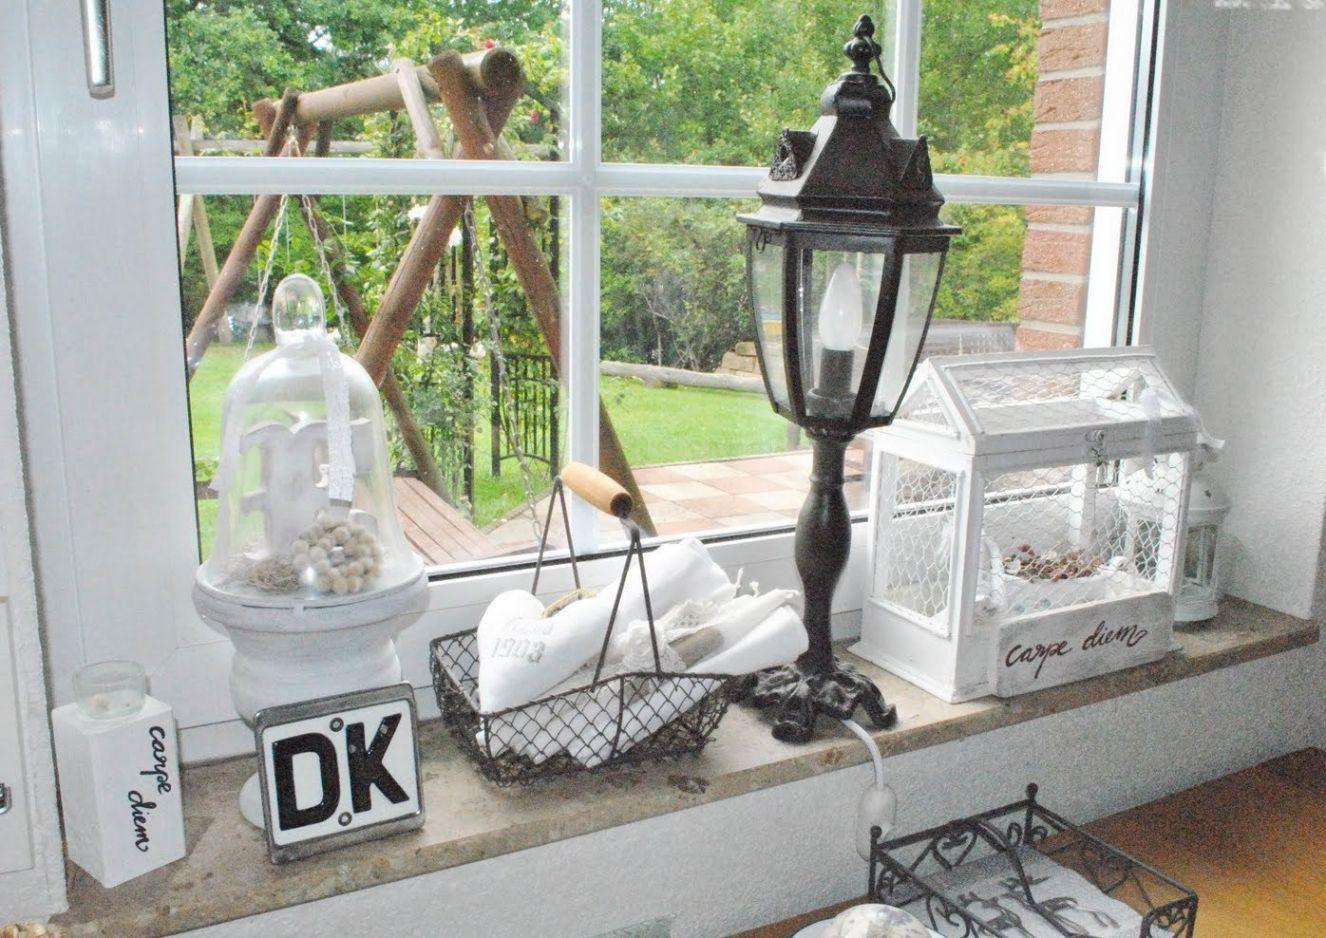 deko wohnzimmer fensterbank : Elegant Deko F R Wohnzimmer Fensterbank Wohnzimmer Lampen